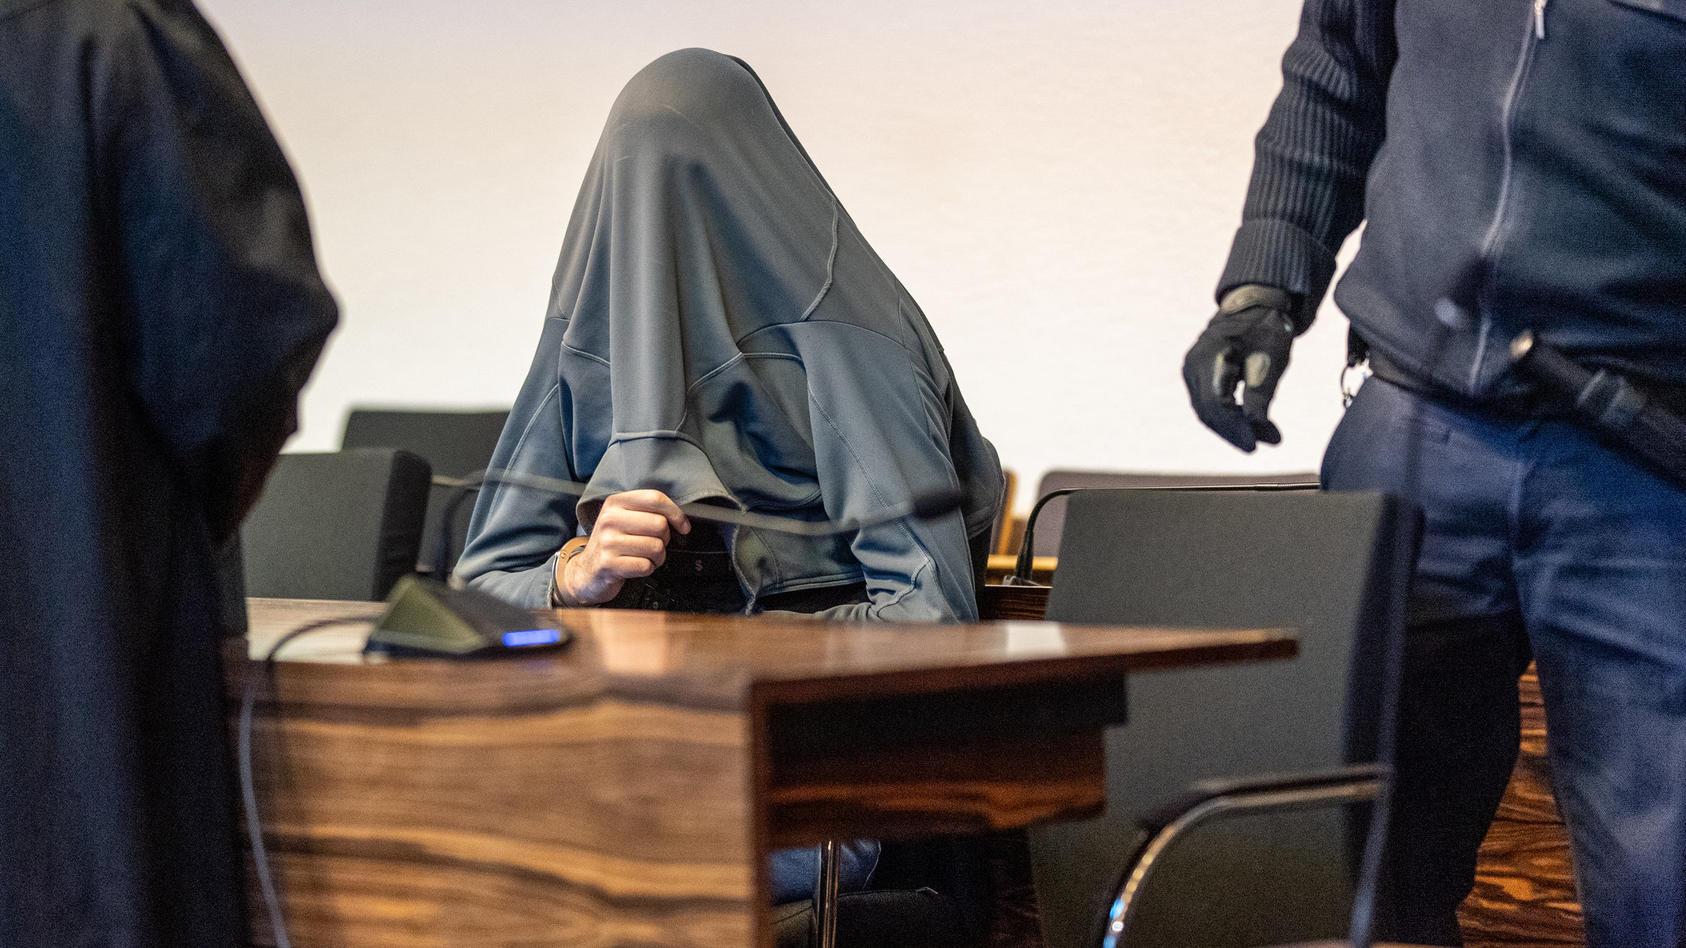 Wegen hundertfachen sexuellen Kindesmissbrauchs ist ein ehemaliger Betreuer von Pfadfindern zu acht Jahren Gefängnis verurteilt worden.